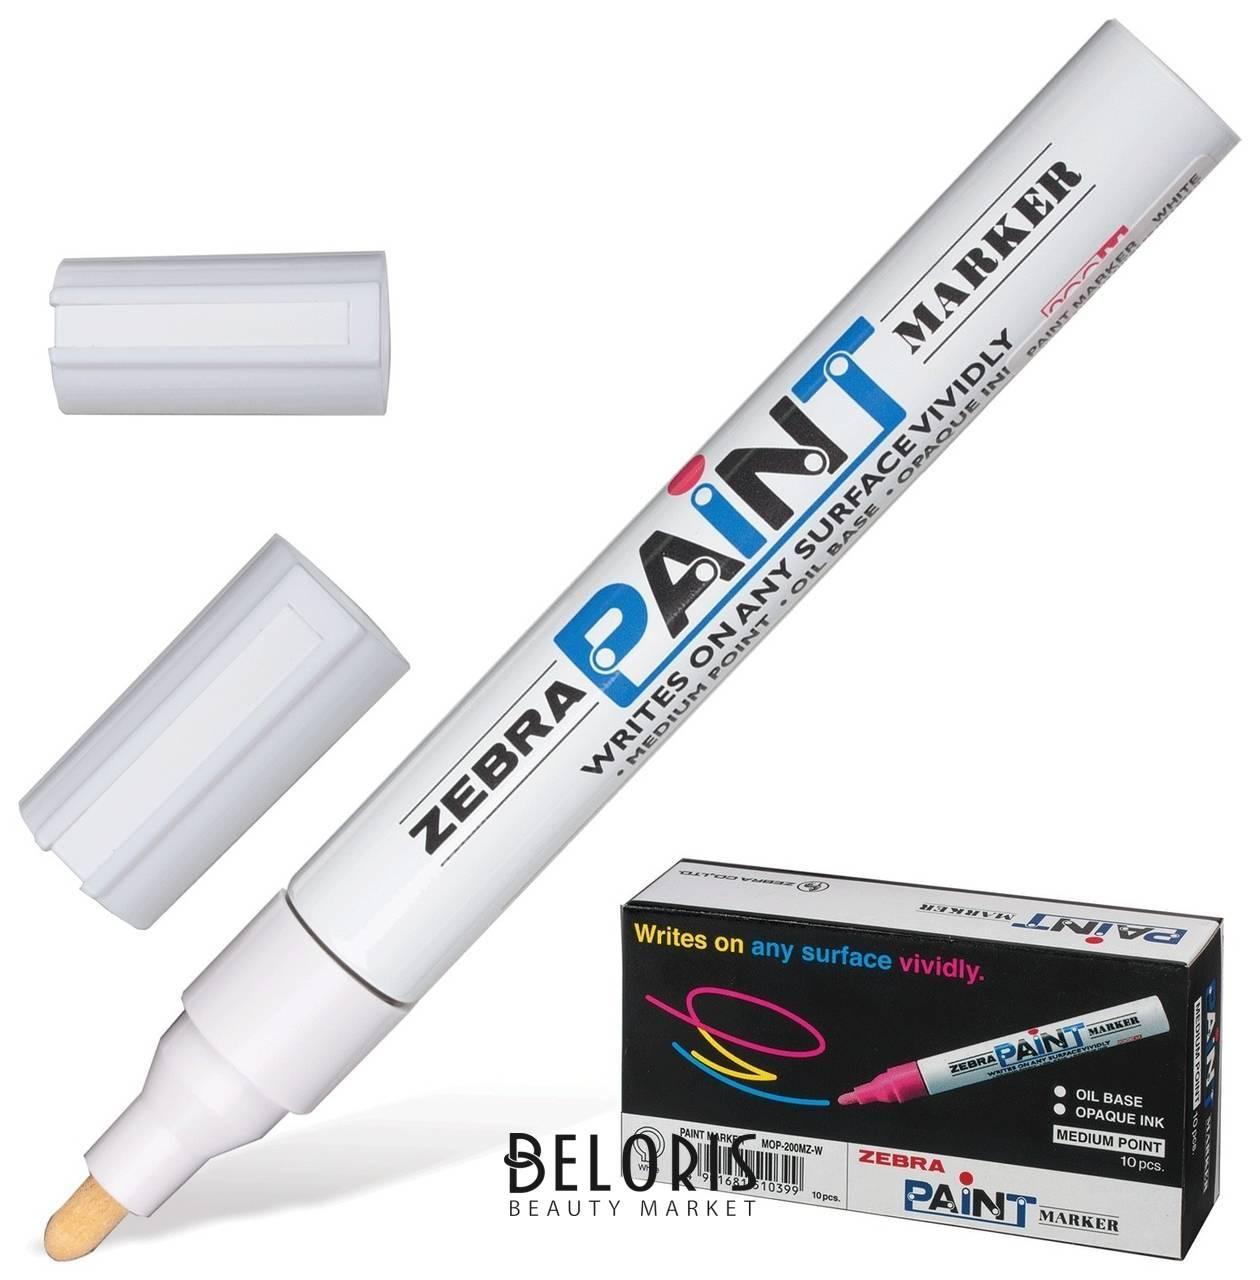 Маркер-краска перманентный (нестираемый) Zebra Paint,2 мм, белый, круглый наконечник  Zebra